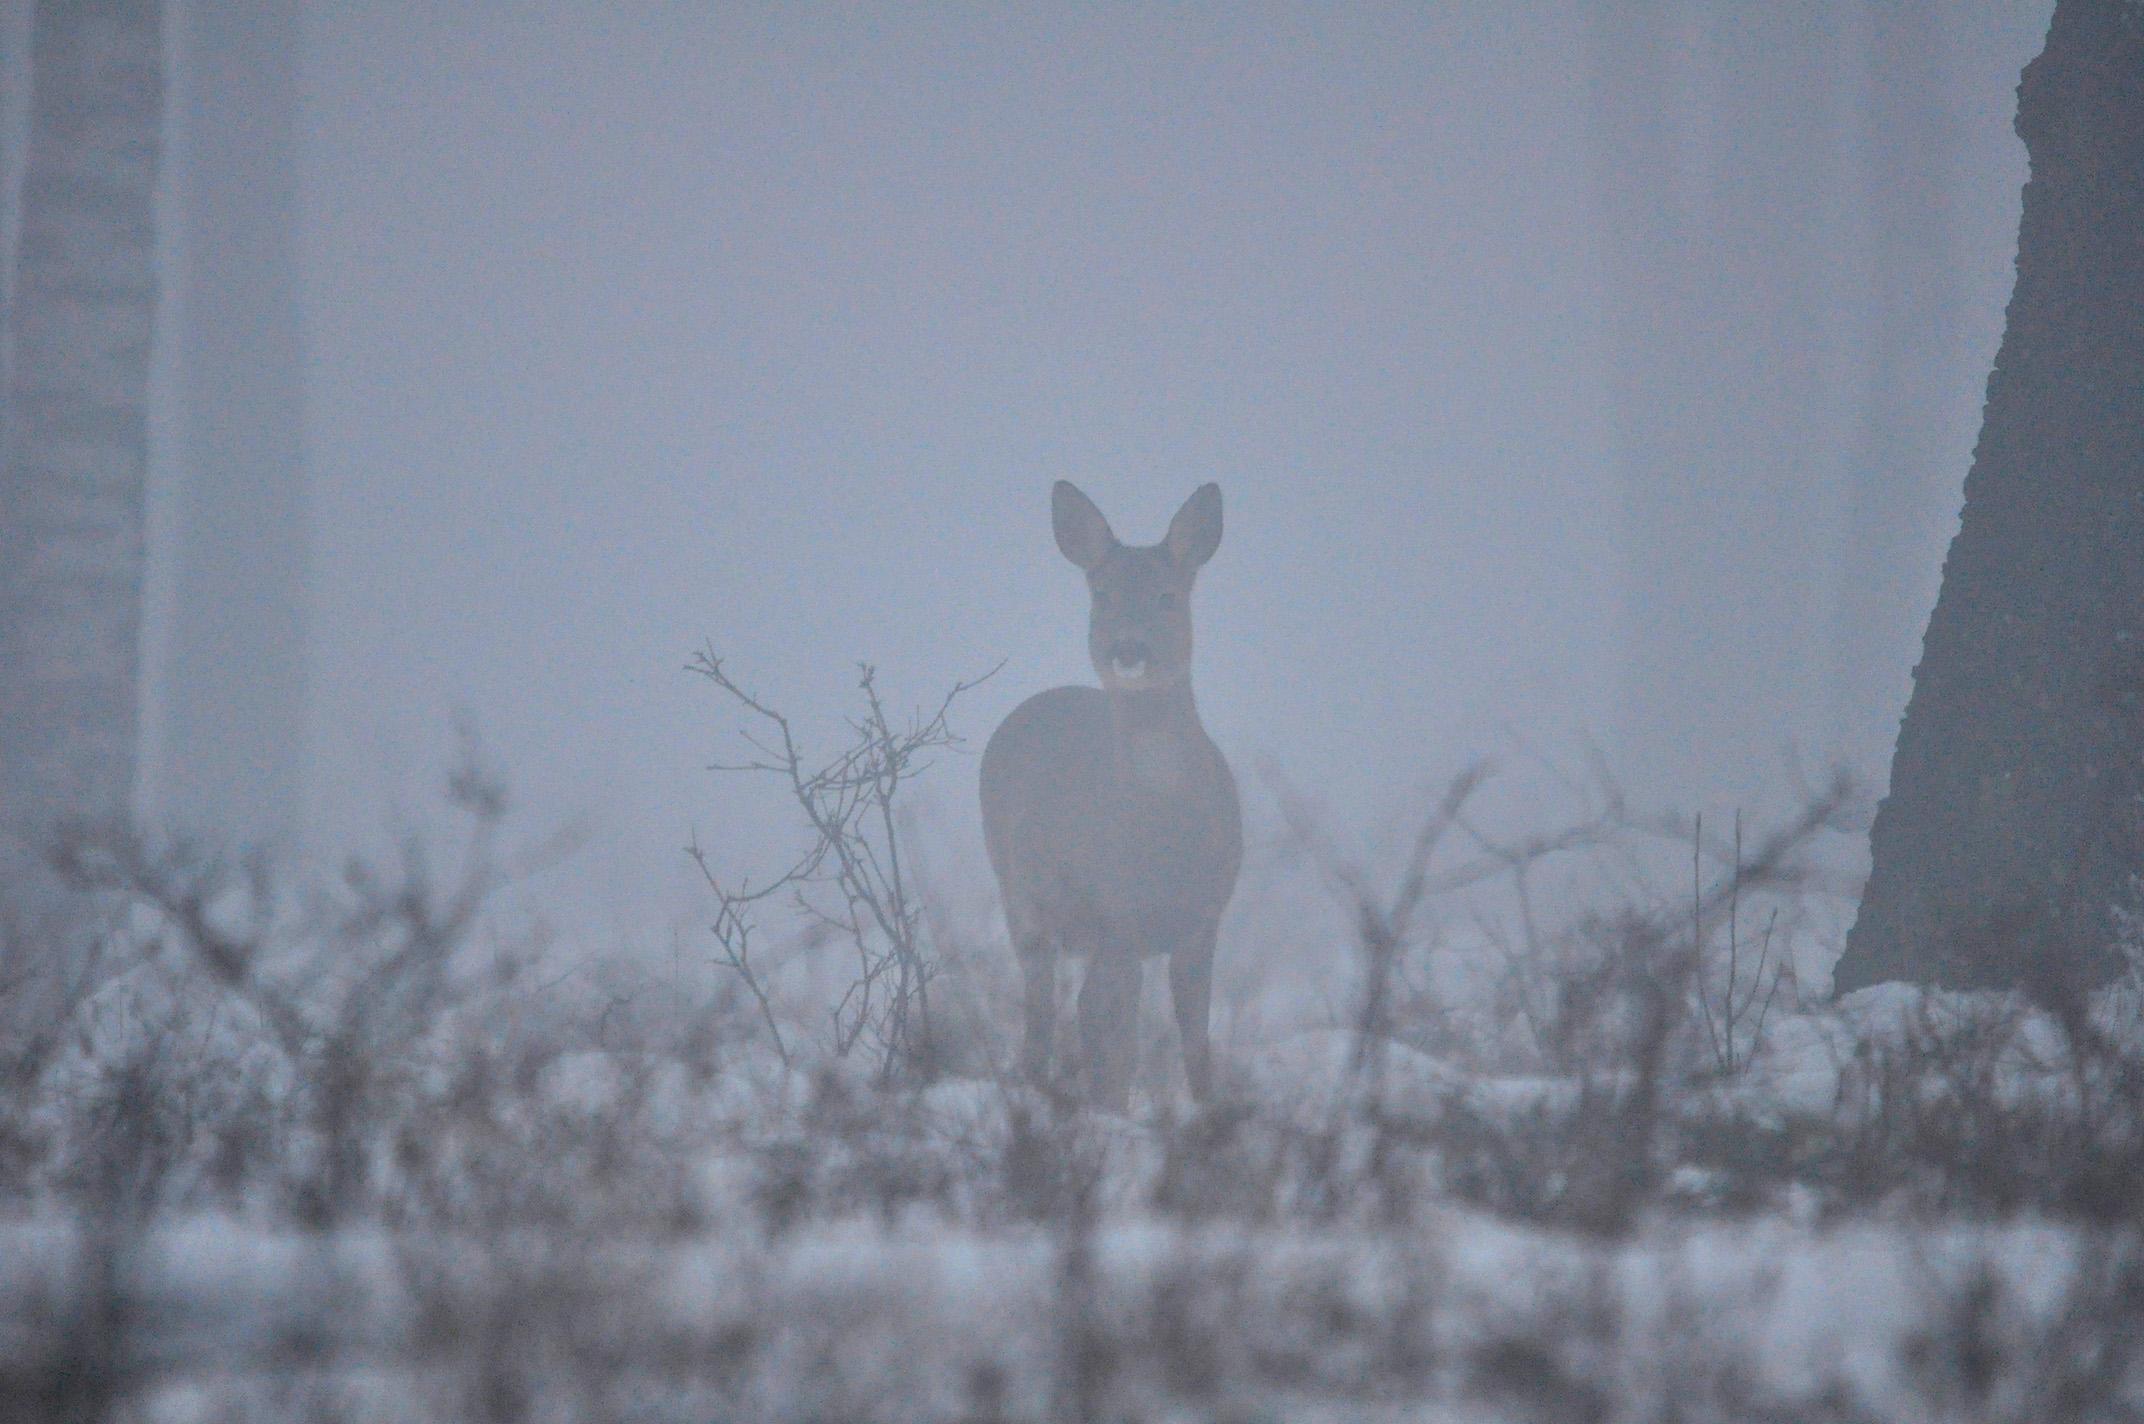 Ze probeert door de mist heen te ontdekken wat daar op het bospad aan de hand is – Foto: ©Louis Fraanje